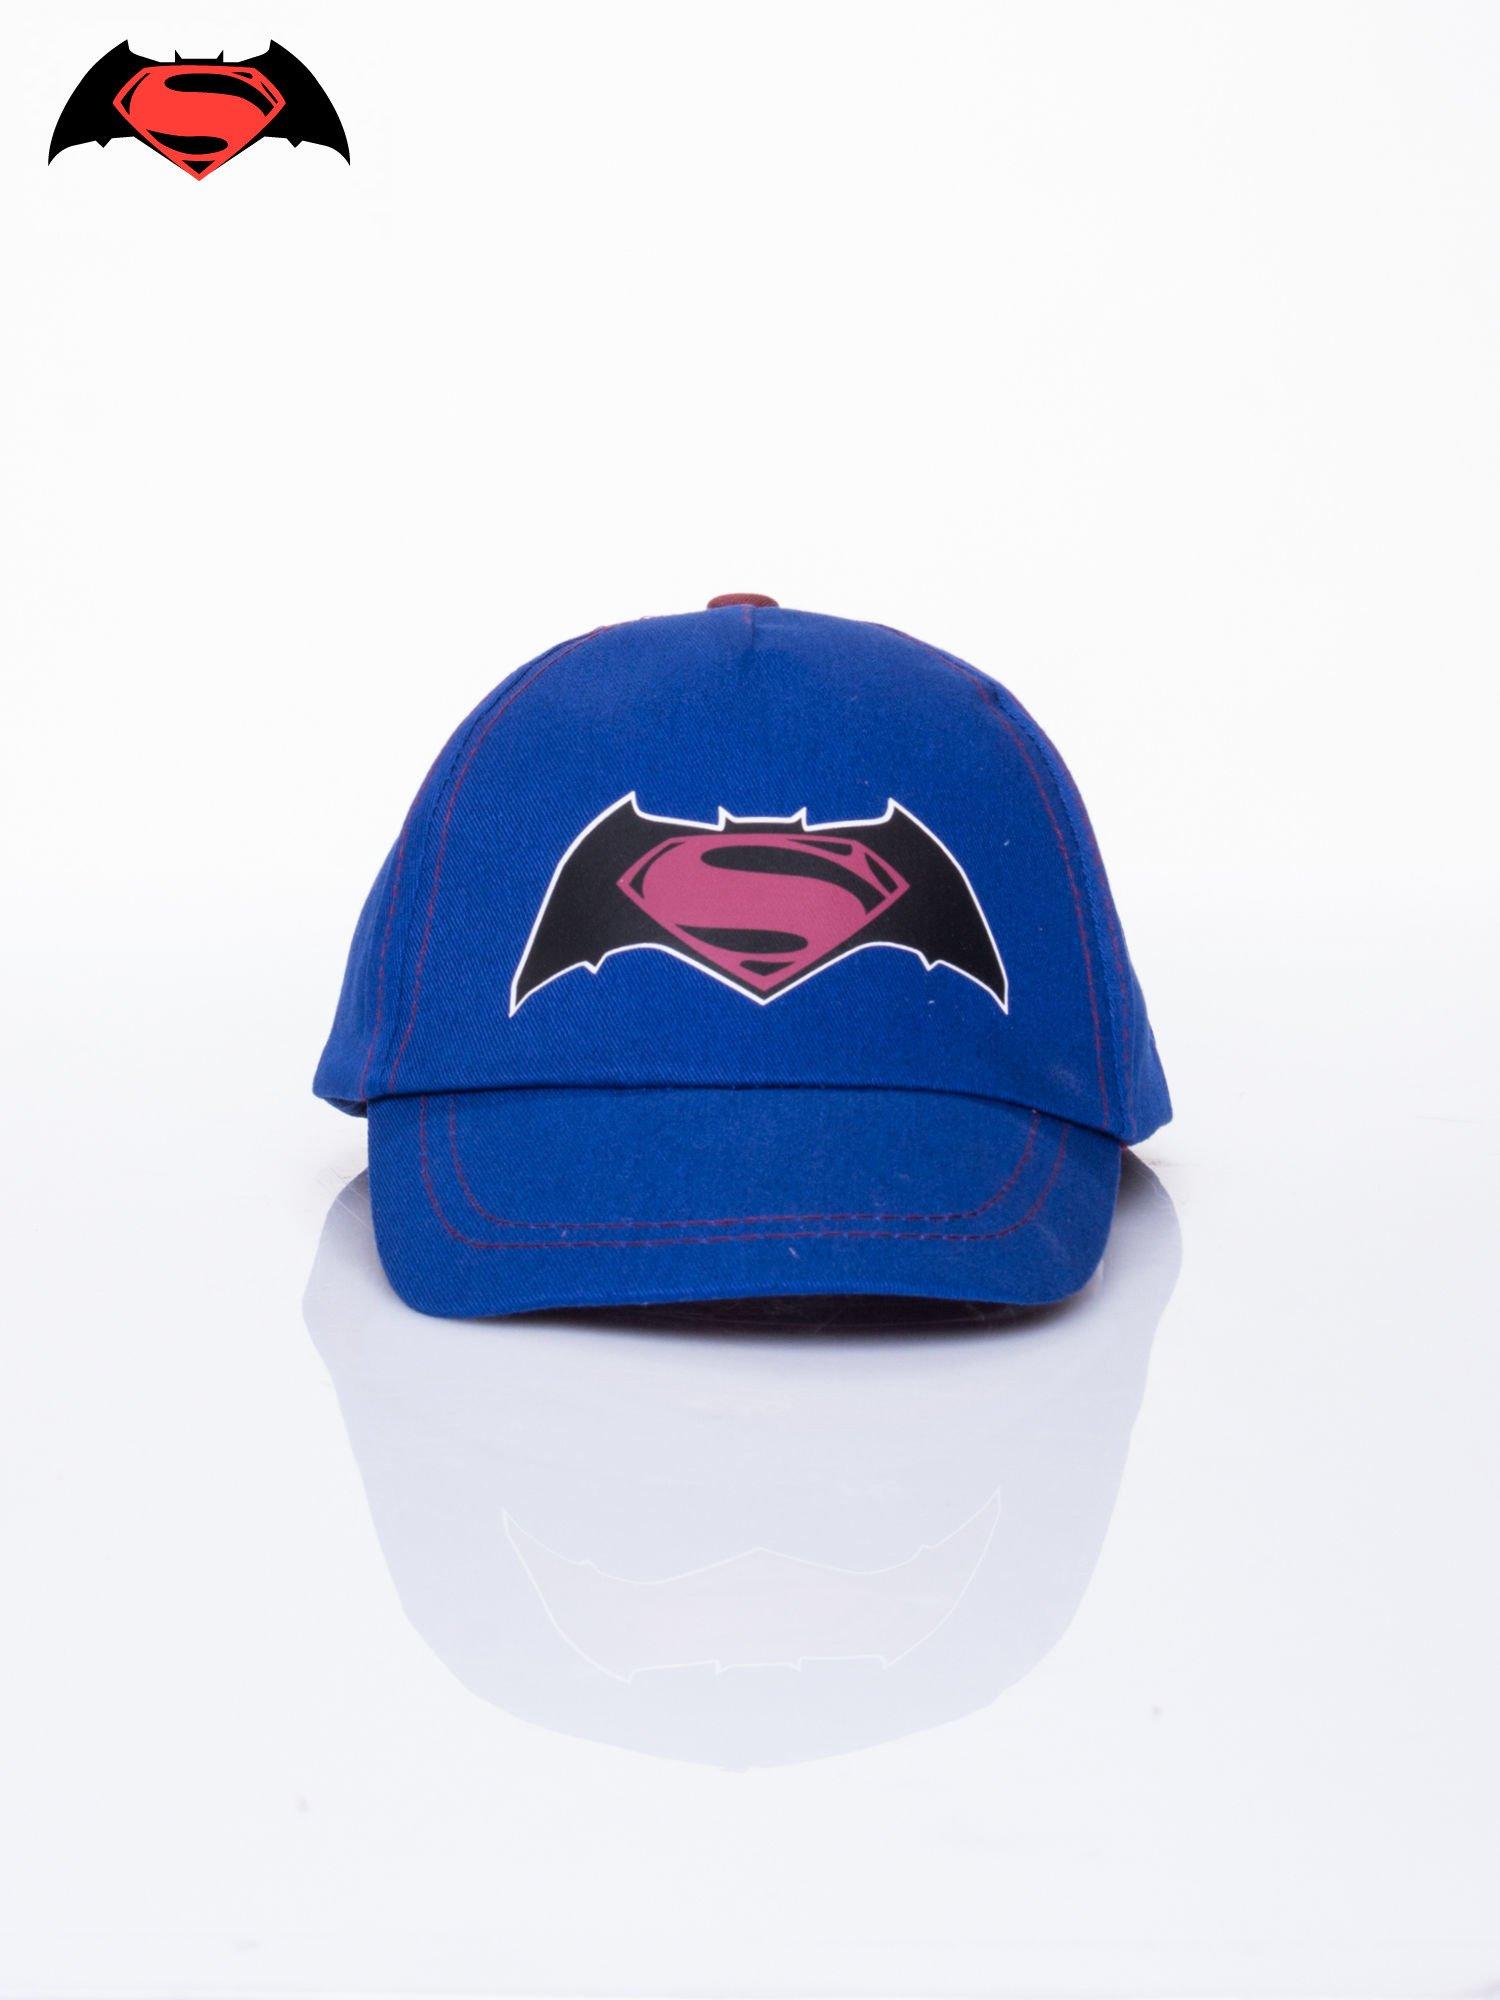 Granatowa chłopięca czapka z daszkiem BATMAN V SUPERMAN                                  zdj.                                  1